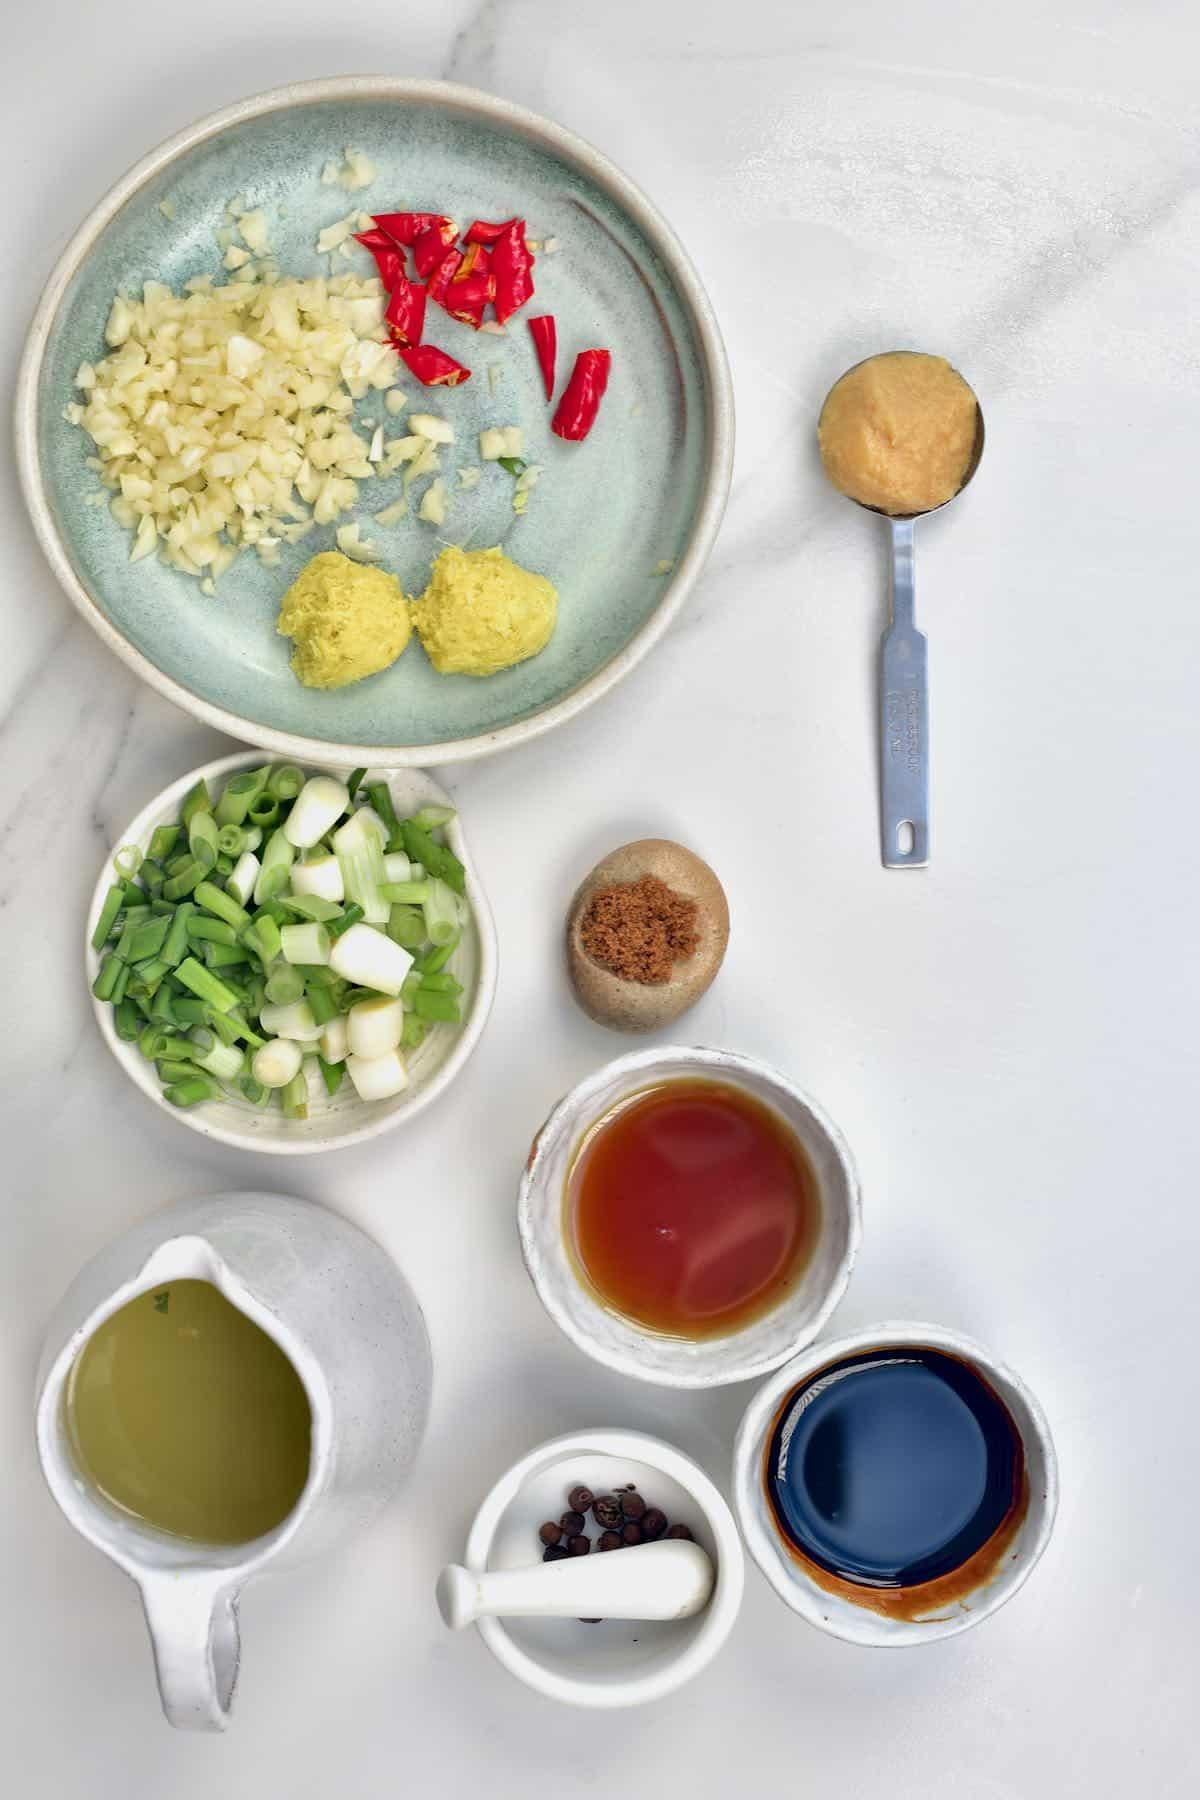 Prepared ingredients for braised eggplant